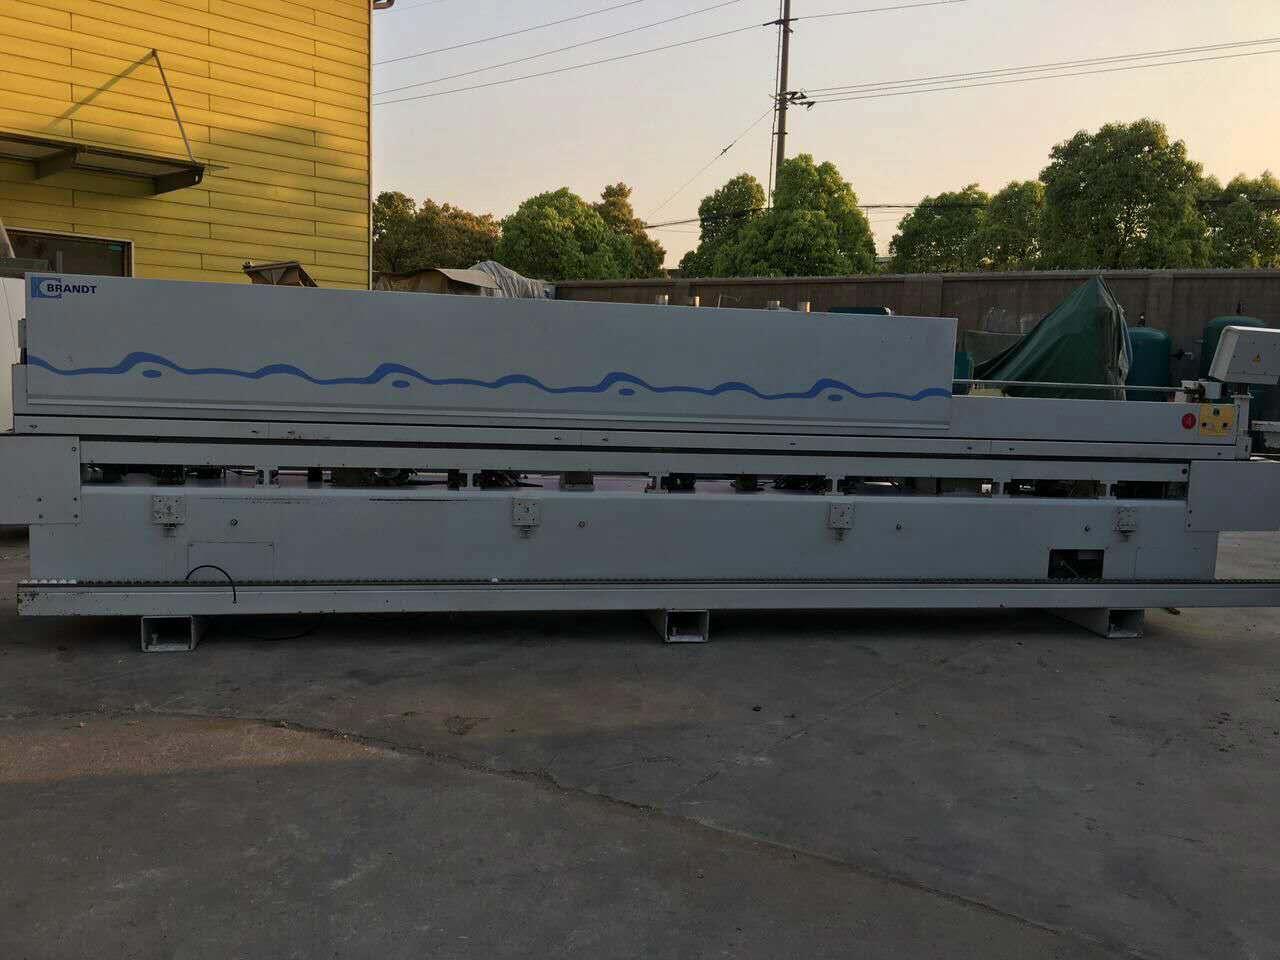 上海森冰专业销售、出租各种二手木工机械及高价回收倒闭厂家具制造设备